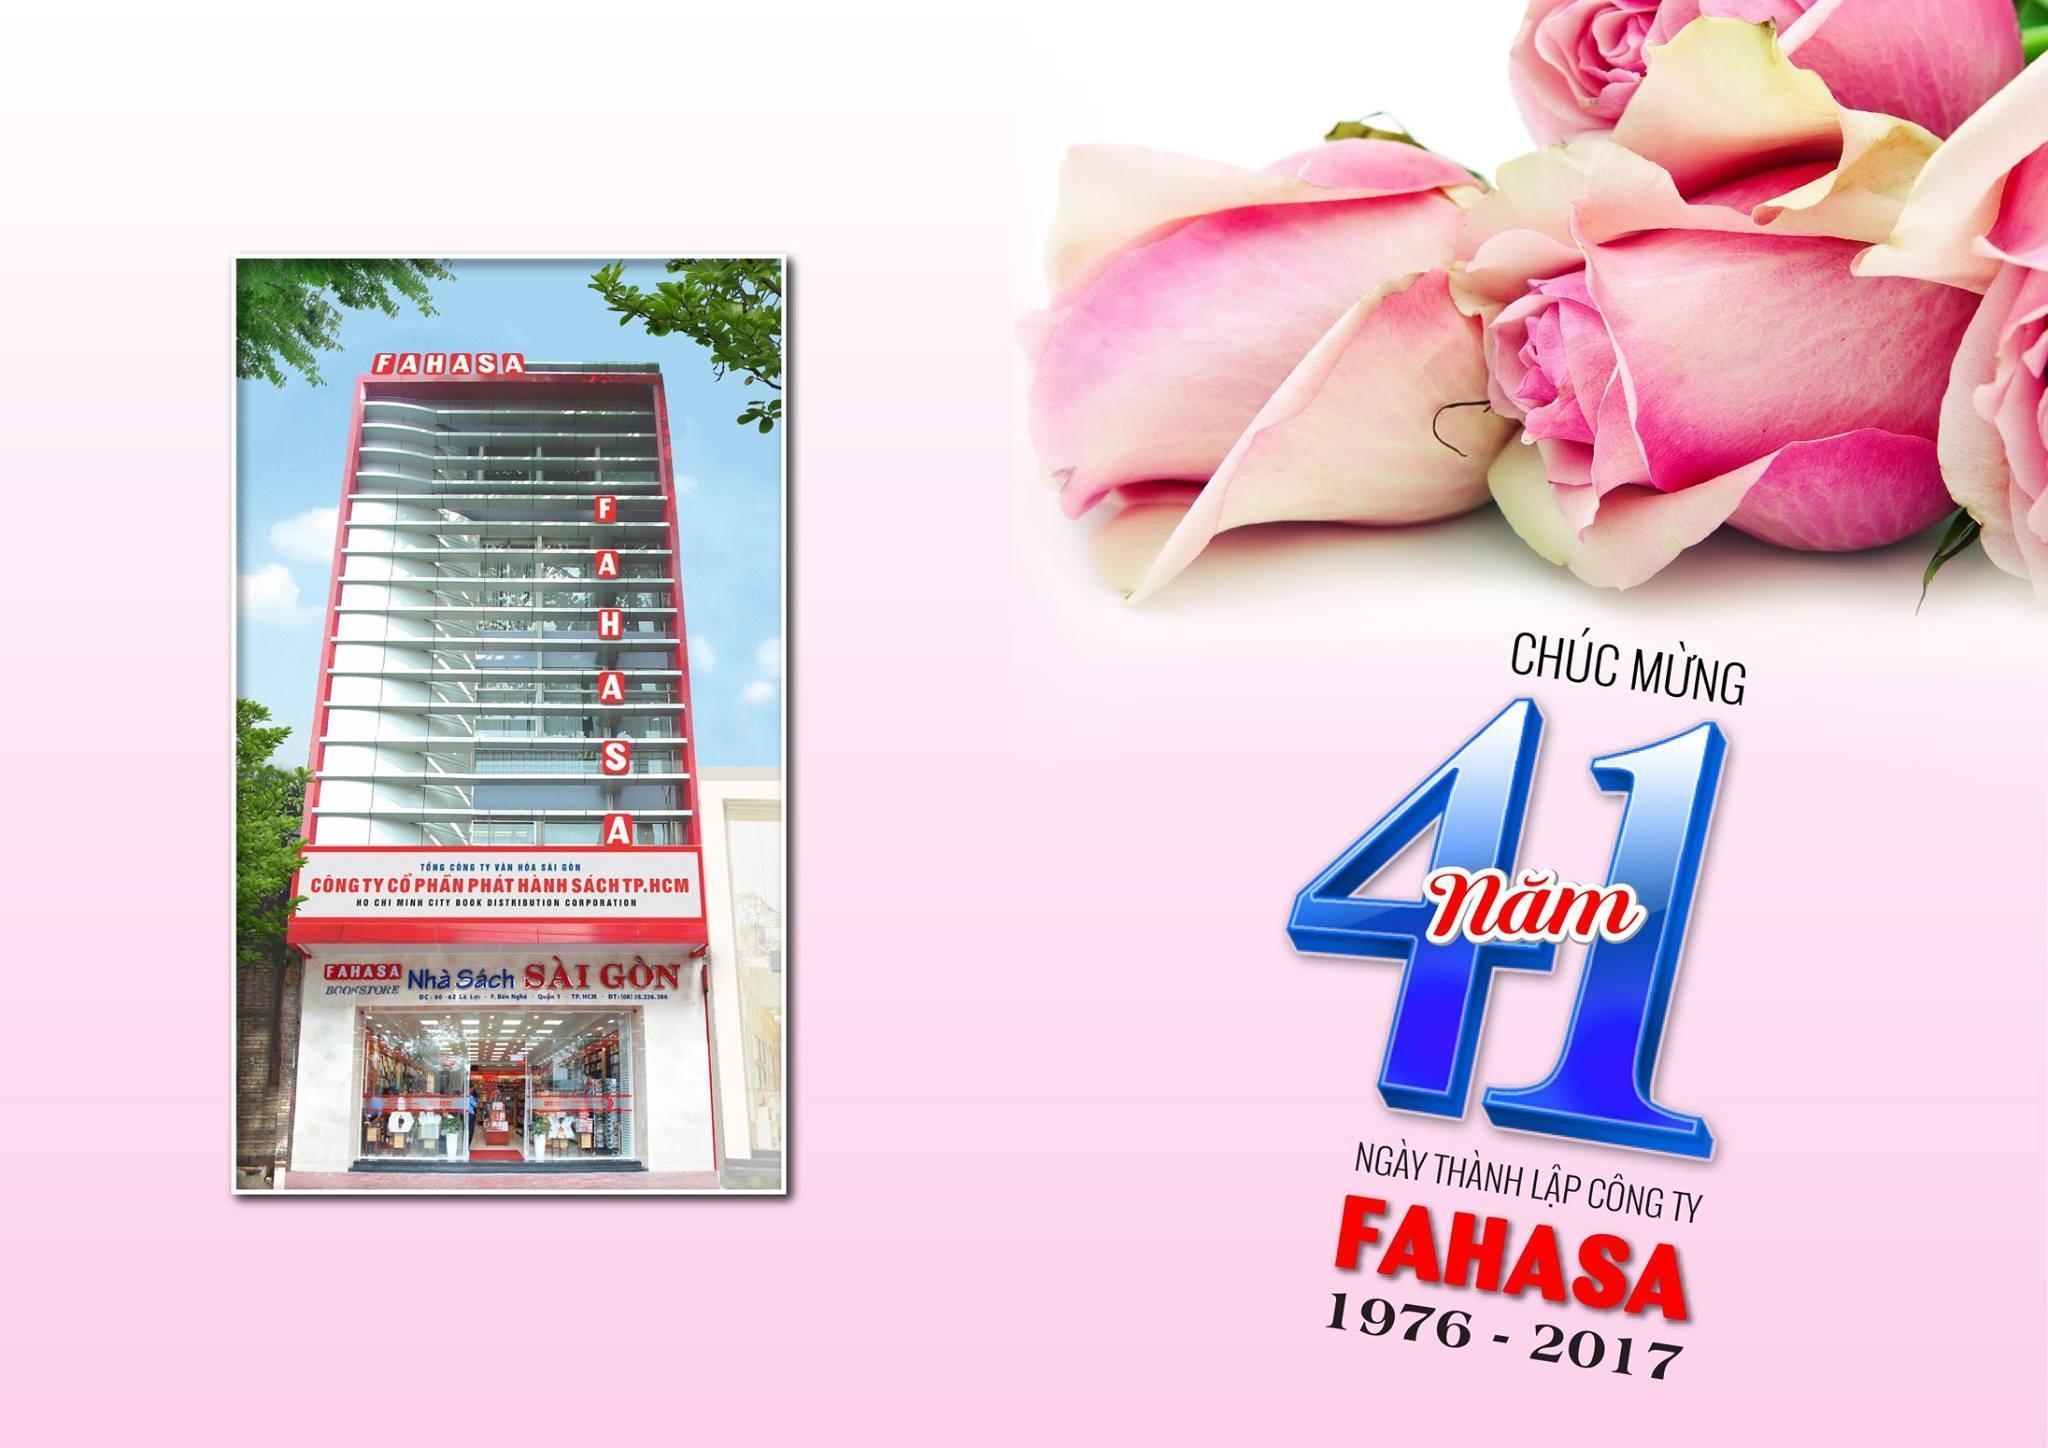 Fahasa kỷ niệm 41 năm ngày thành lập công ty (6.8.1976 - 6.8.2017)